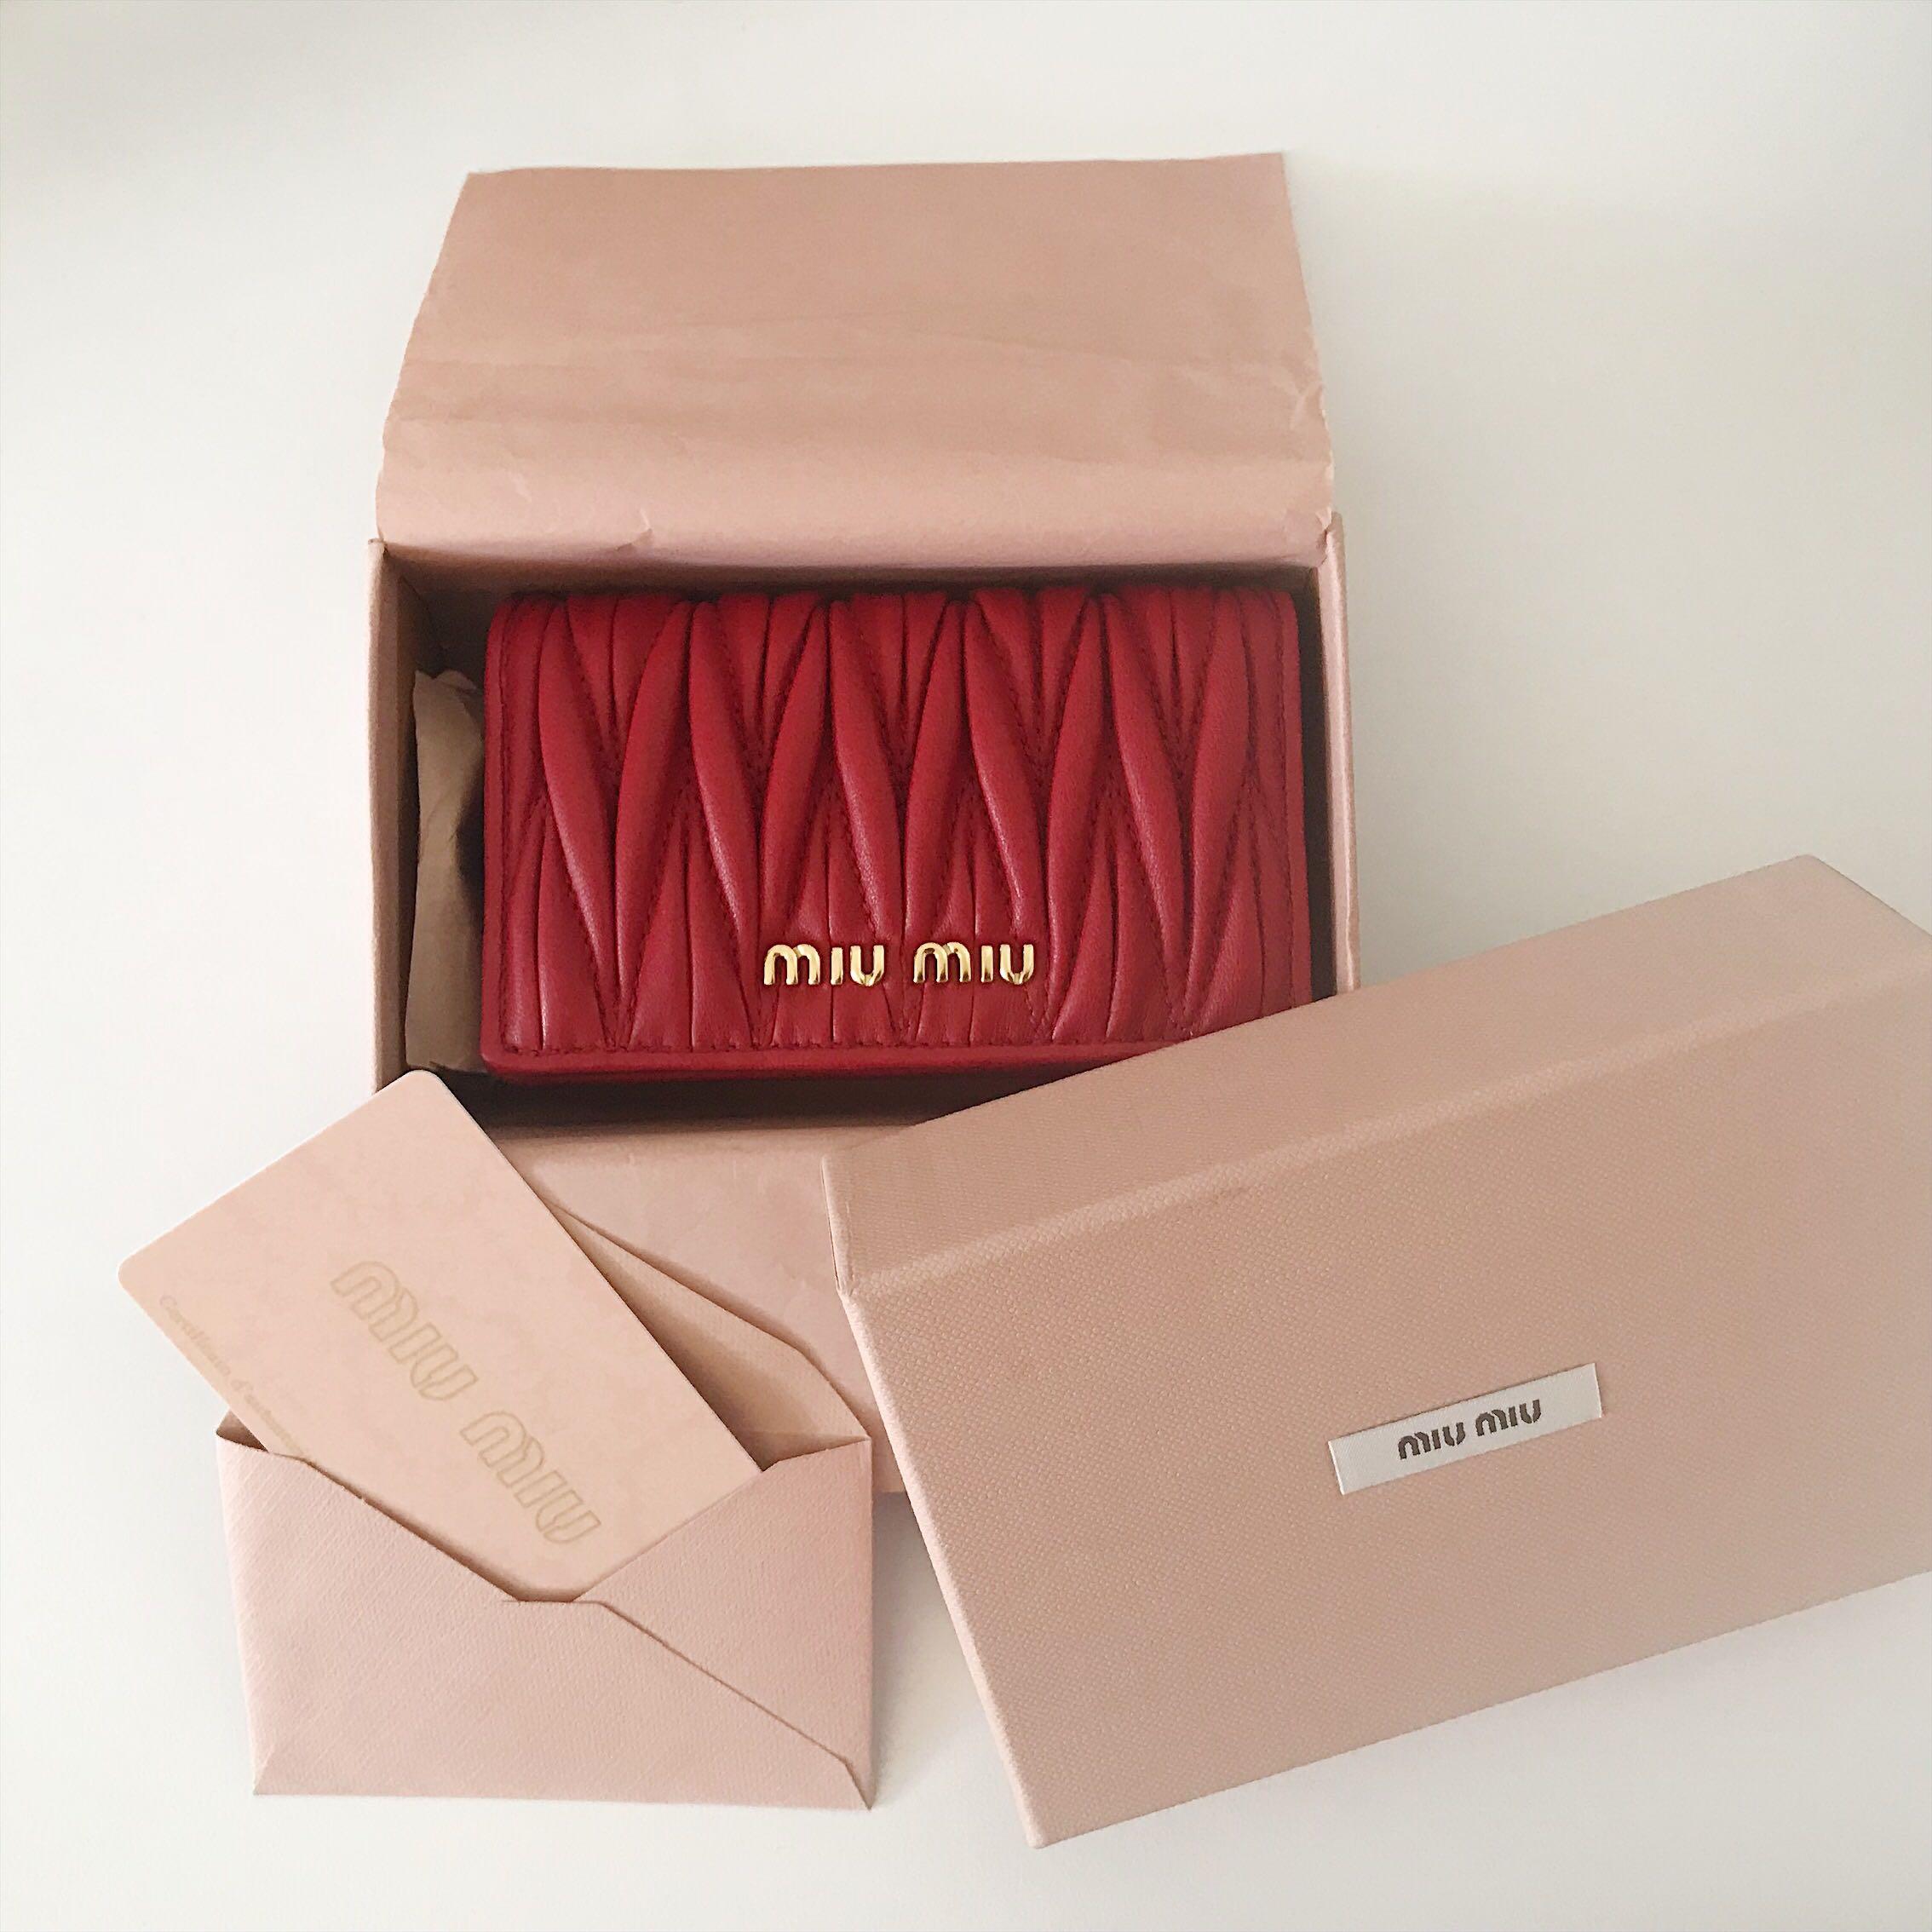 8fa8d78a5455 Miu Miu Cardholder Mini Wallet